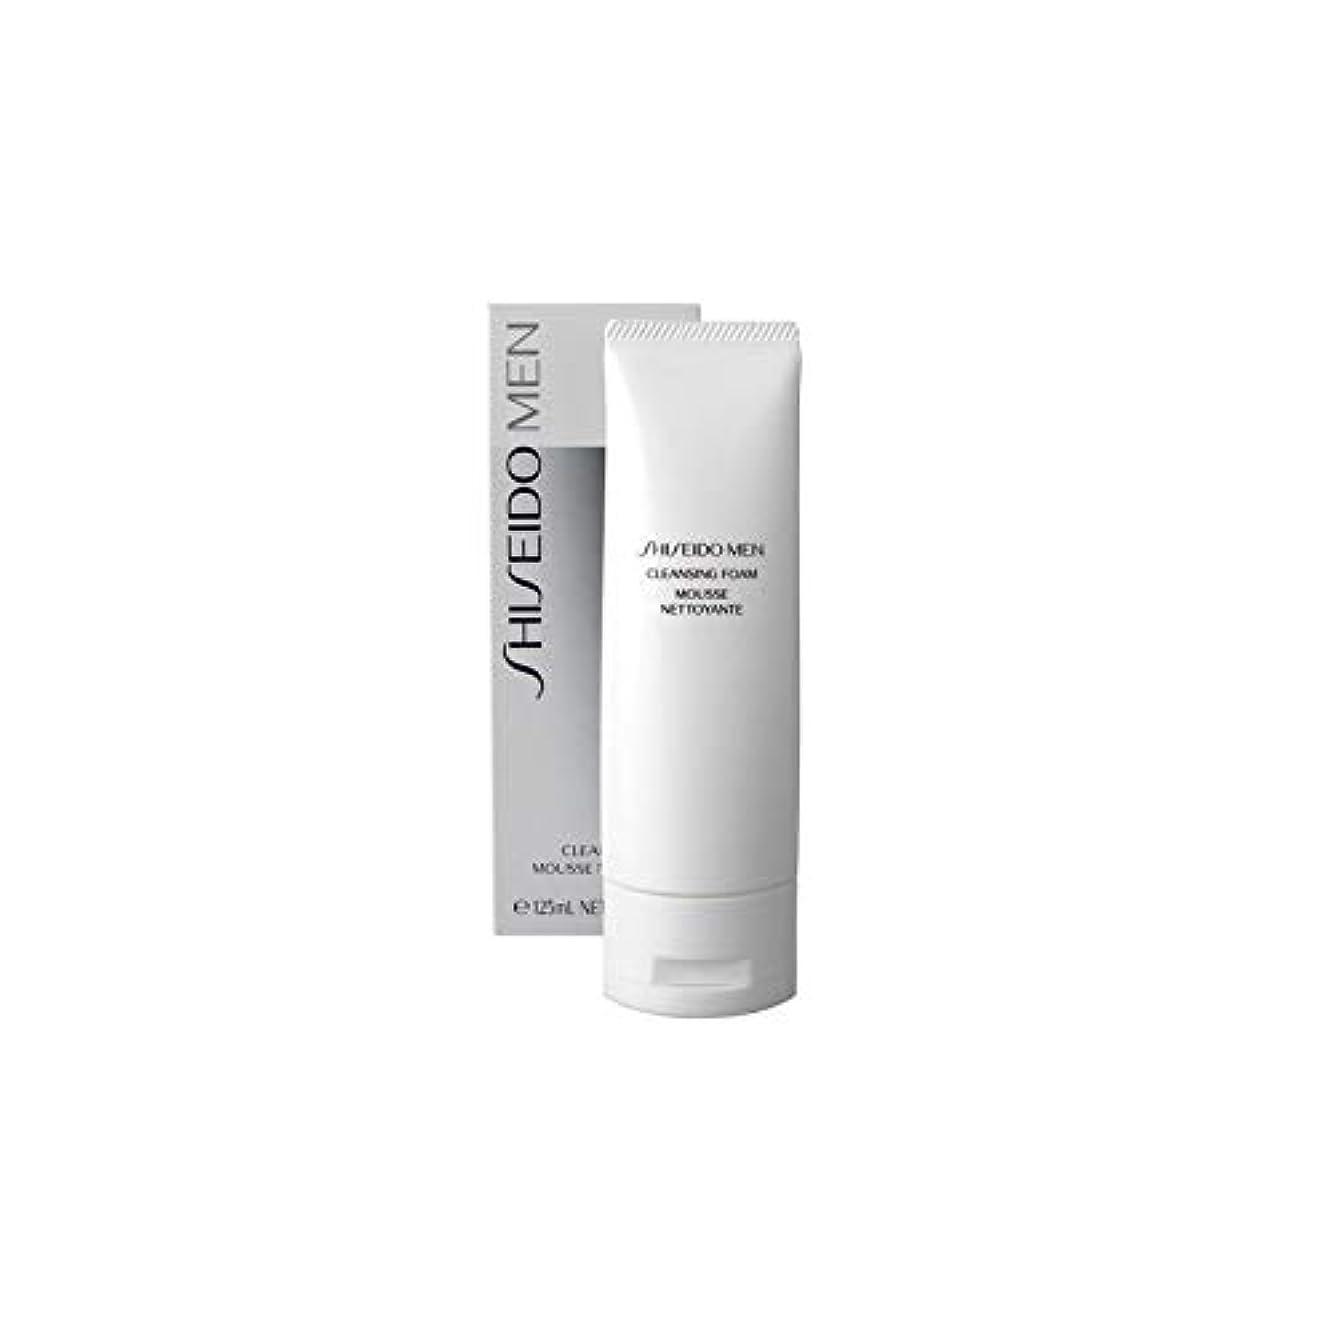 強化するライターに応じて[Shiseido] 資生堂は、クレンジングフォーム(125ミリリットル)をメンズ - Shiseido Mens Cleansing Foam (125ml) [並行輸入品]